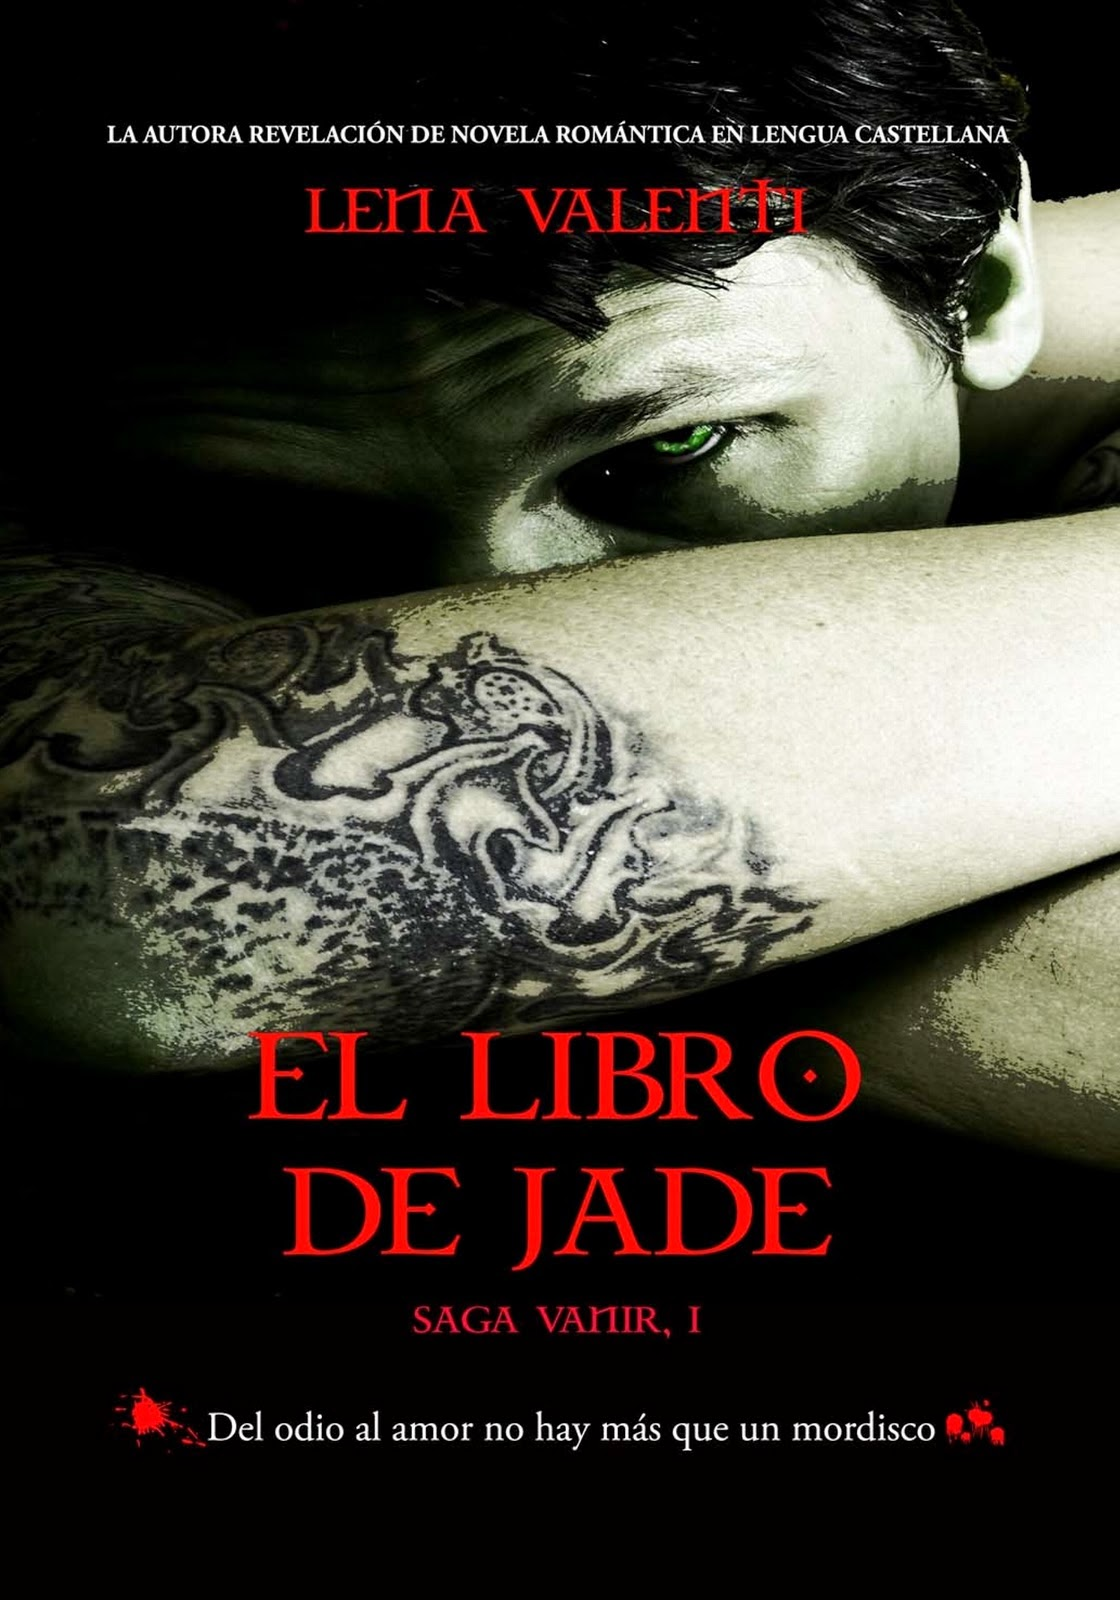 http://entrelibrosytintas.blogspot.com.es/2014/04/resena-el-libro-de-jade.html